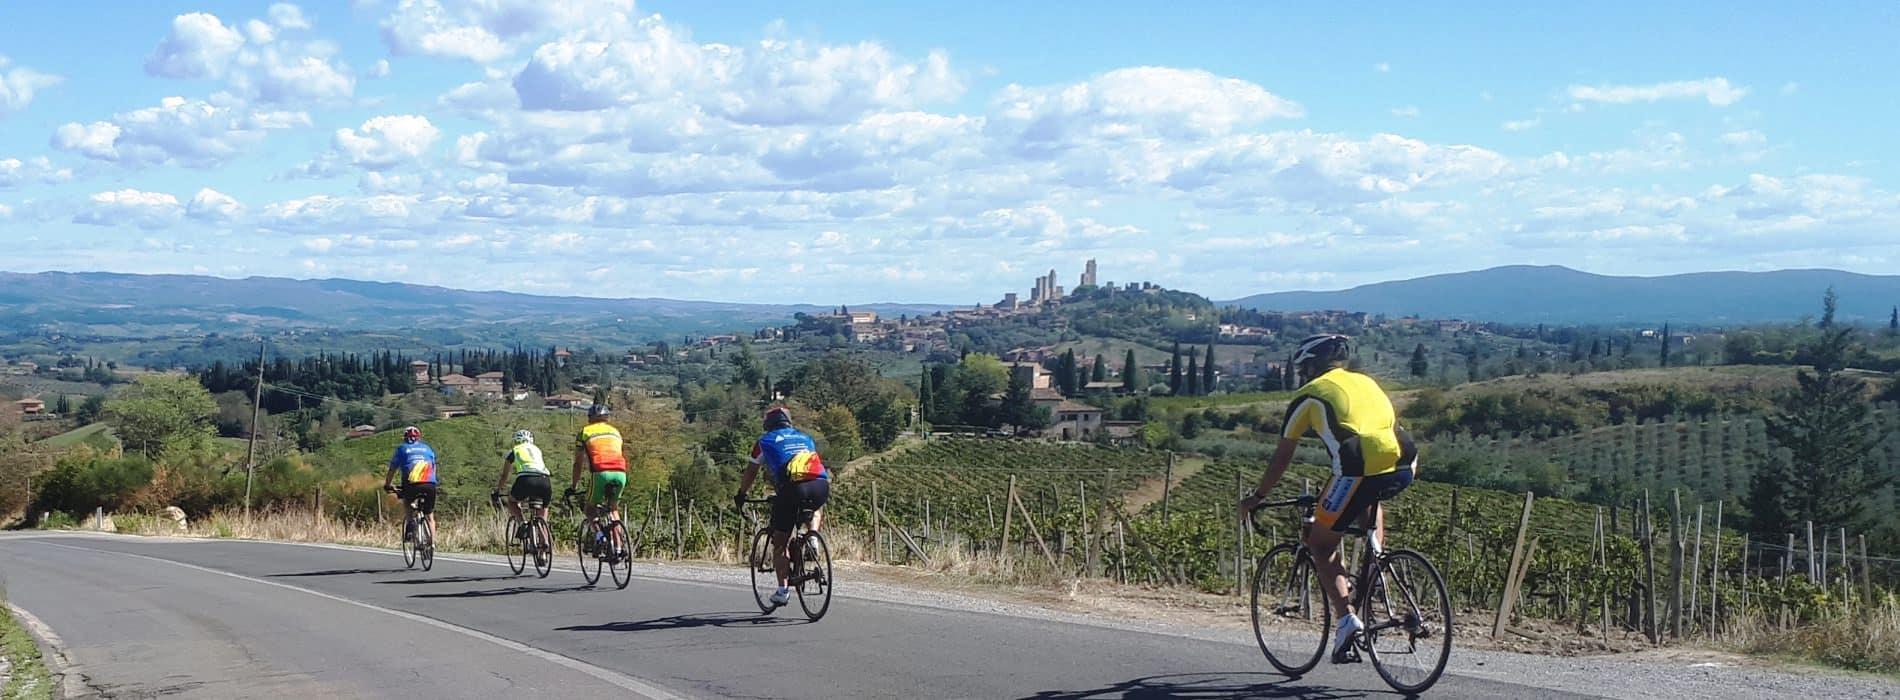 Stage de vélo en Toscane à Poggibonsi   du 24 avril au 1er mai 2021